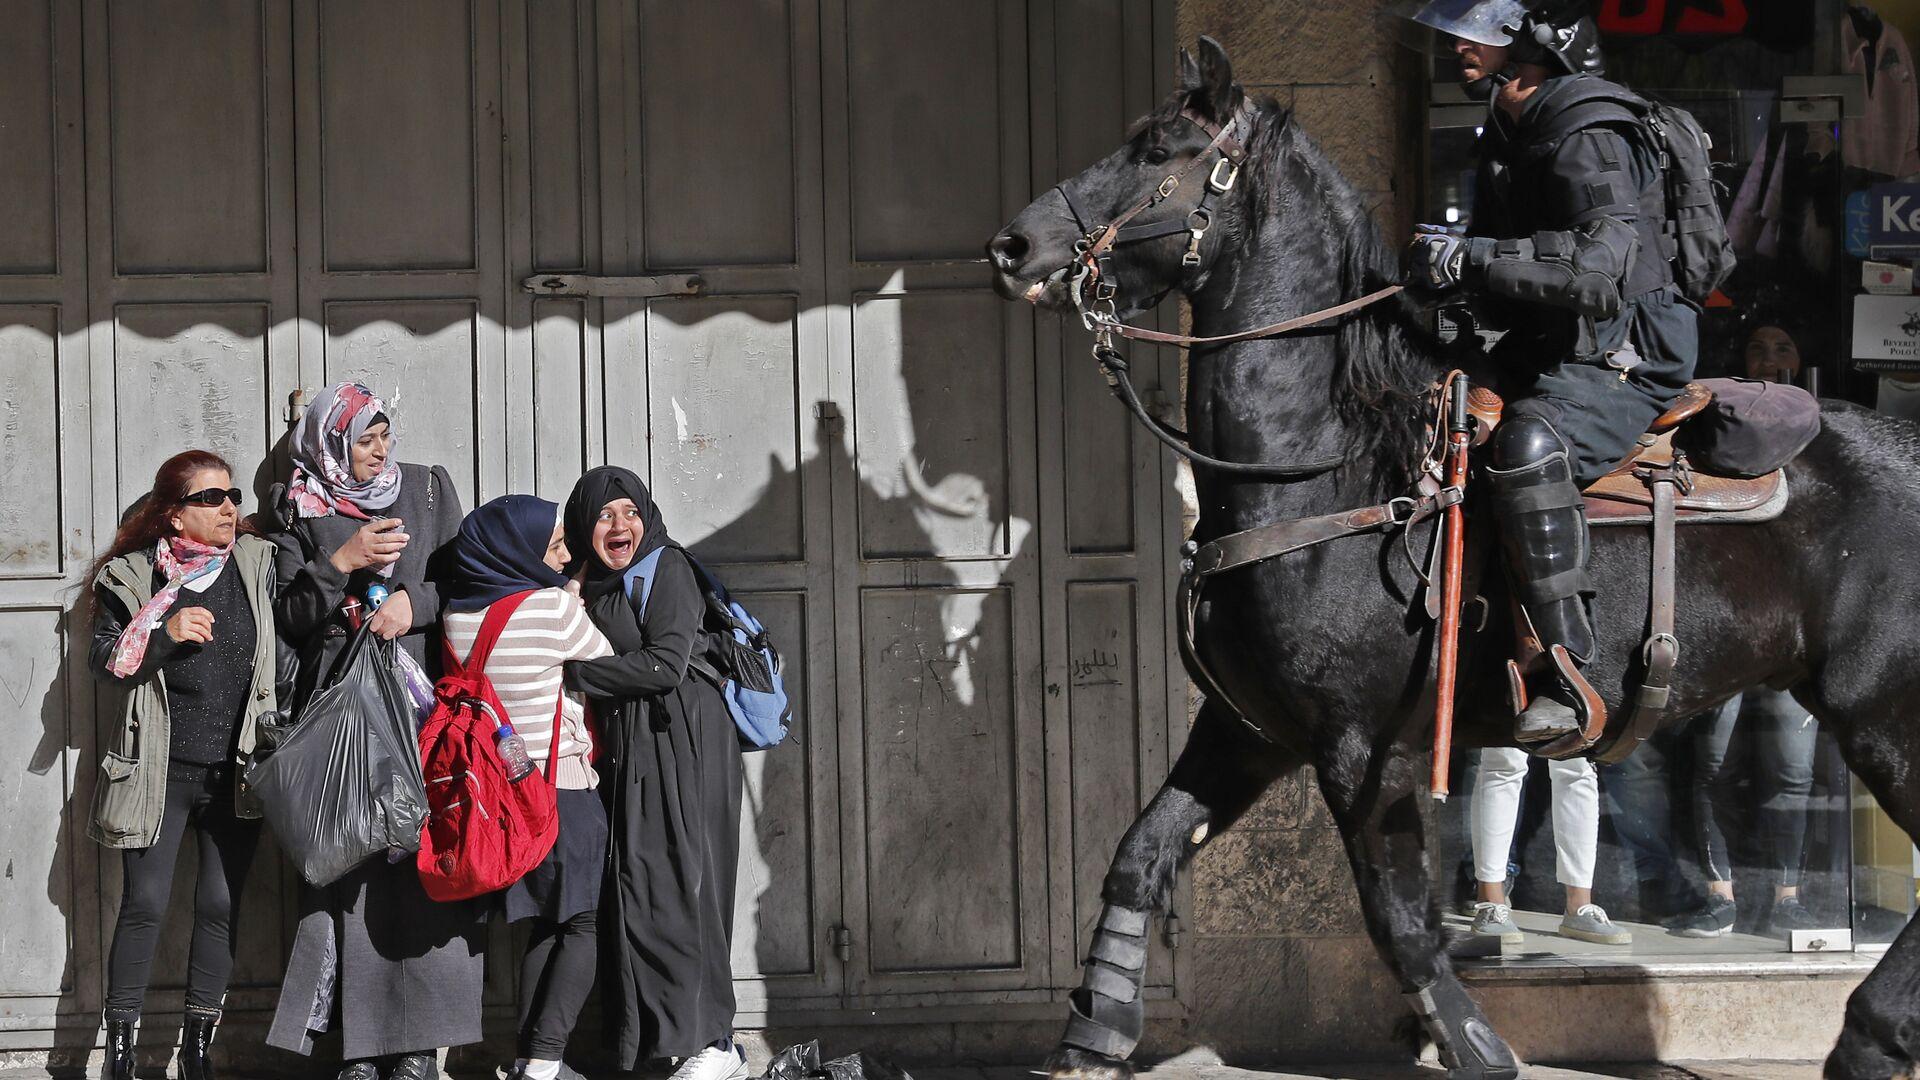 Израильский полицейский разгоняет палестинских протестующих в Восточном Иерусалиме. 9 декабря 2017 года - РИА Новости, 1920, 11.05.2021